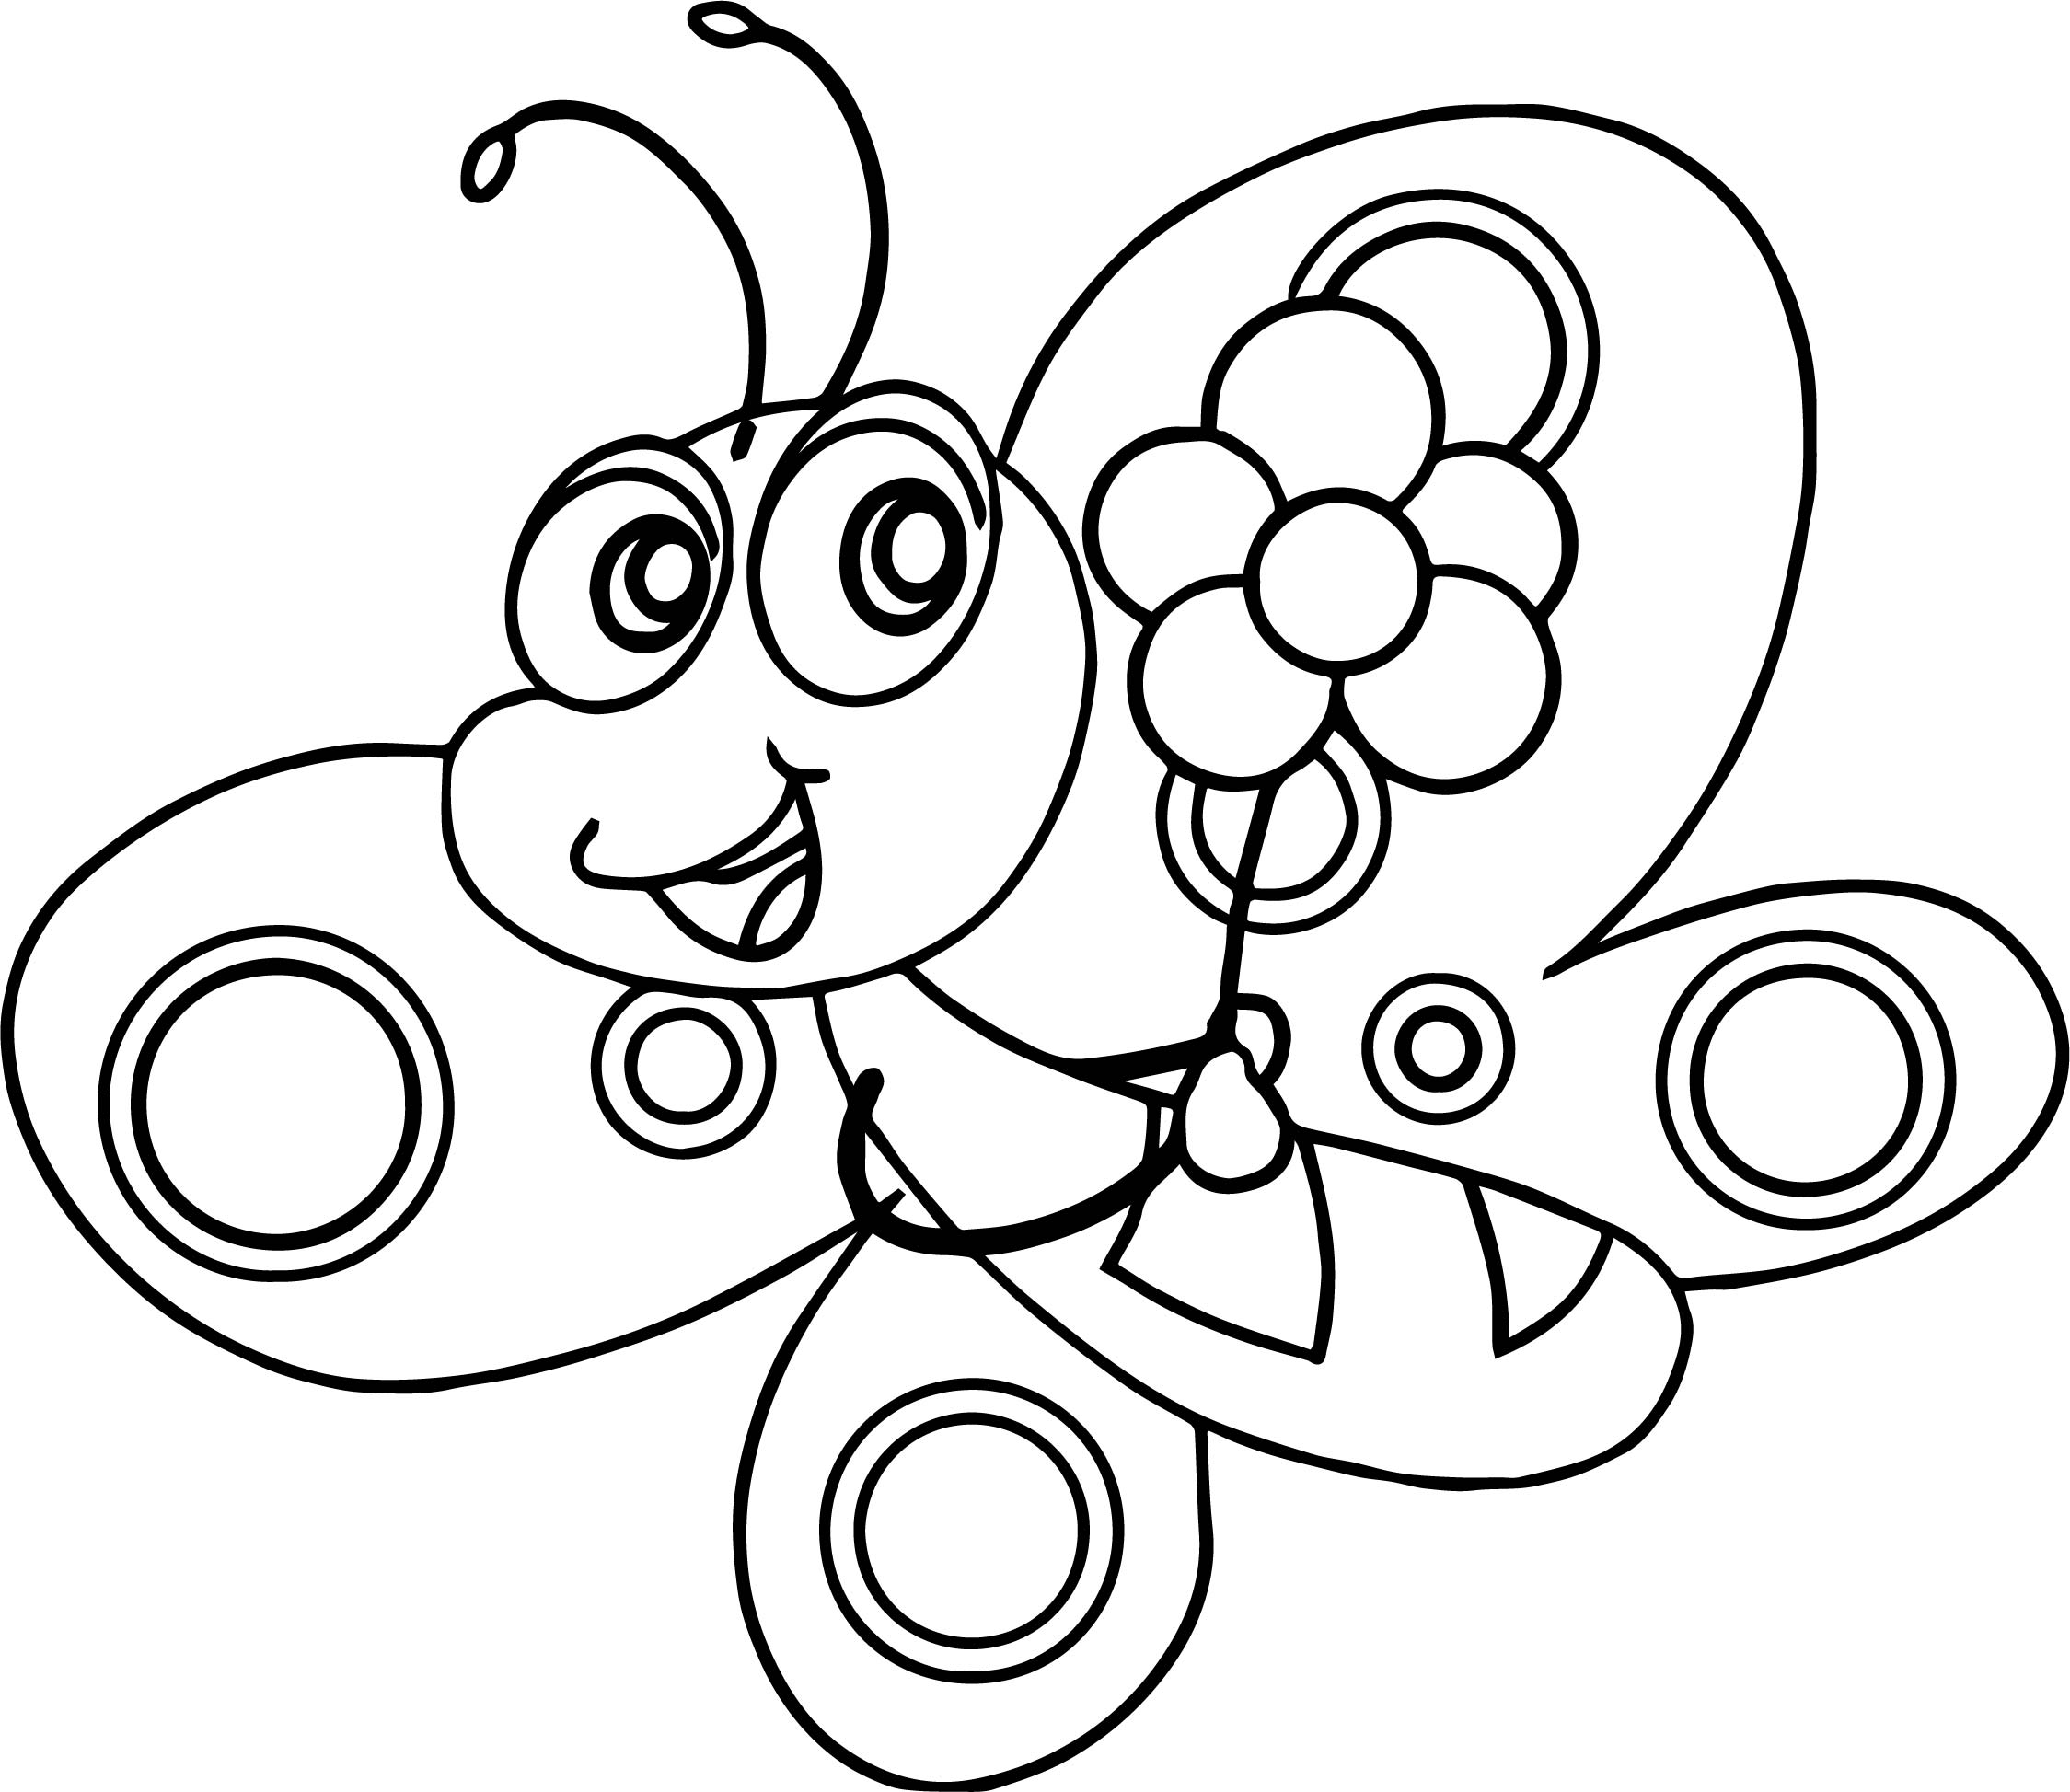 Tranh tô màu con bướm đáng yêu ngộ nghĩnh